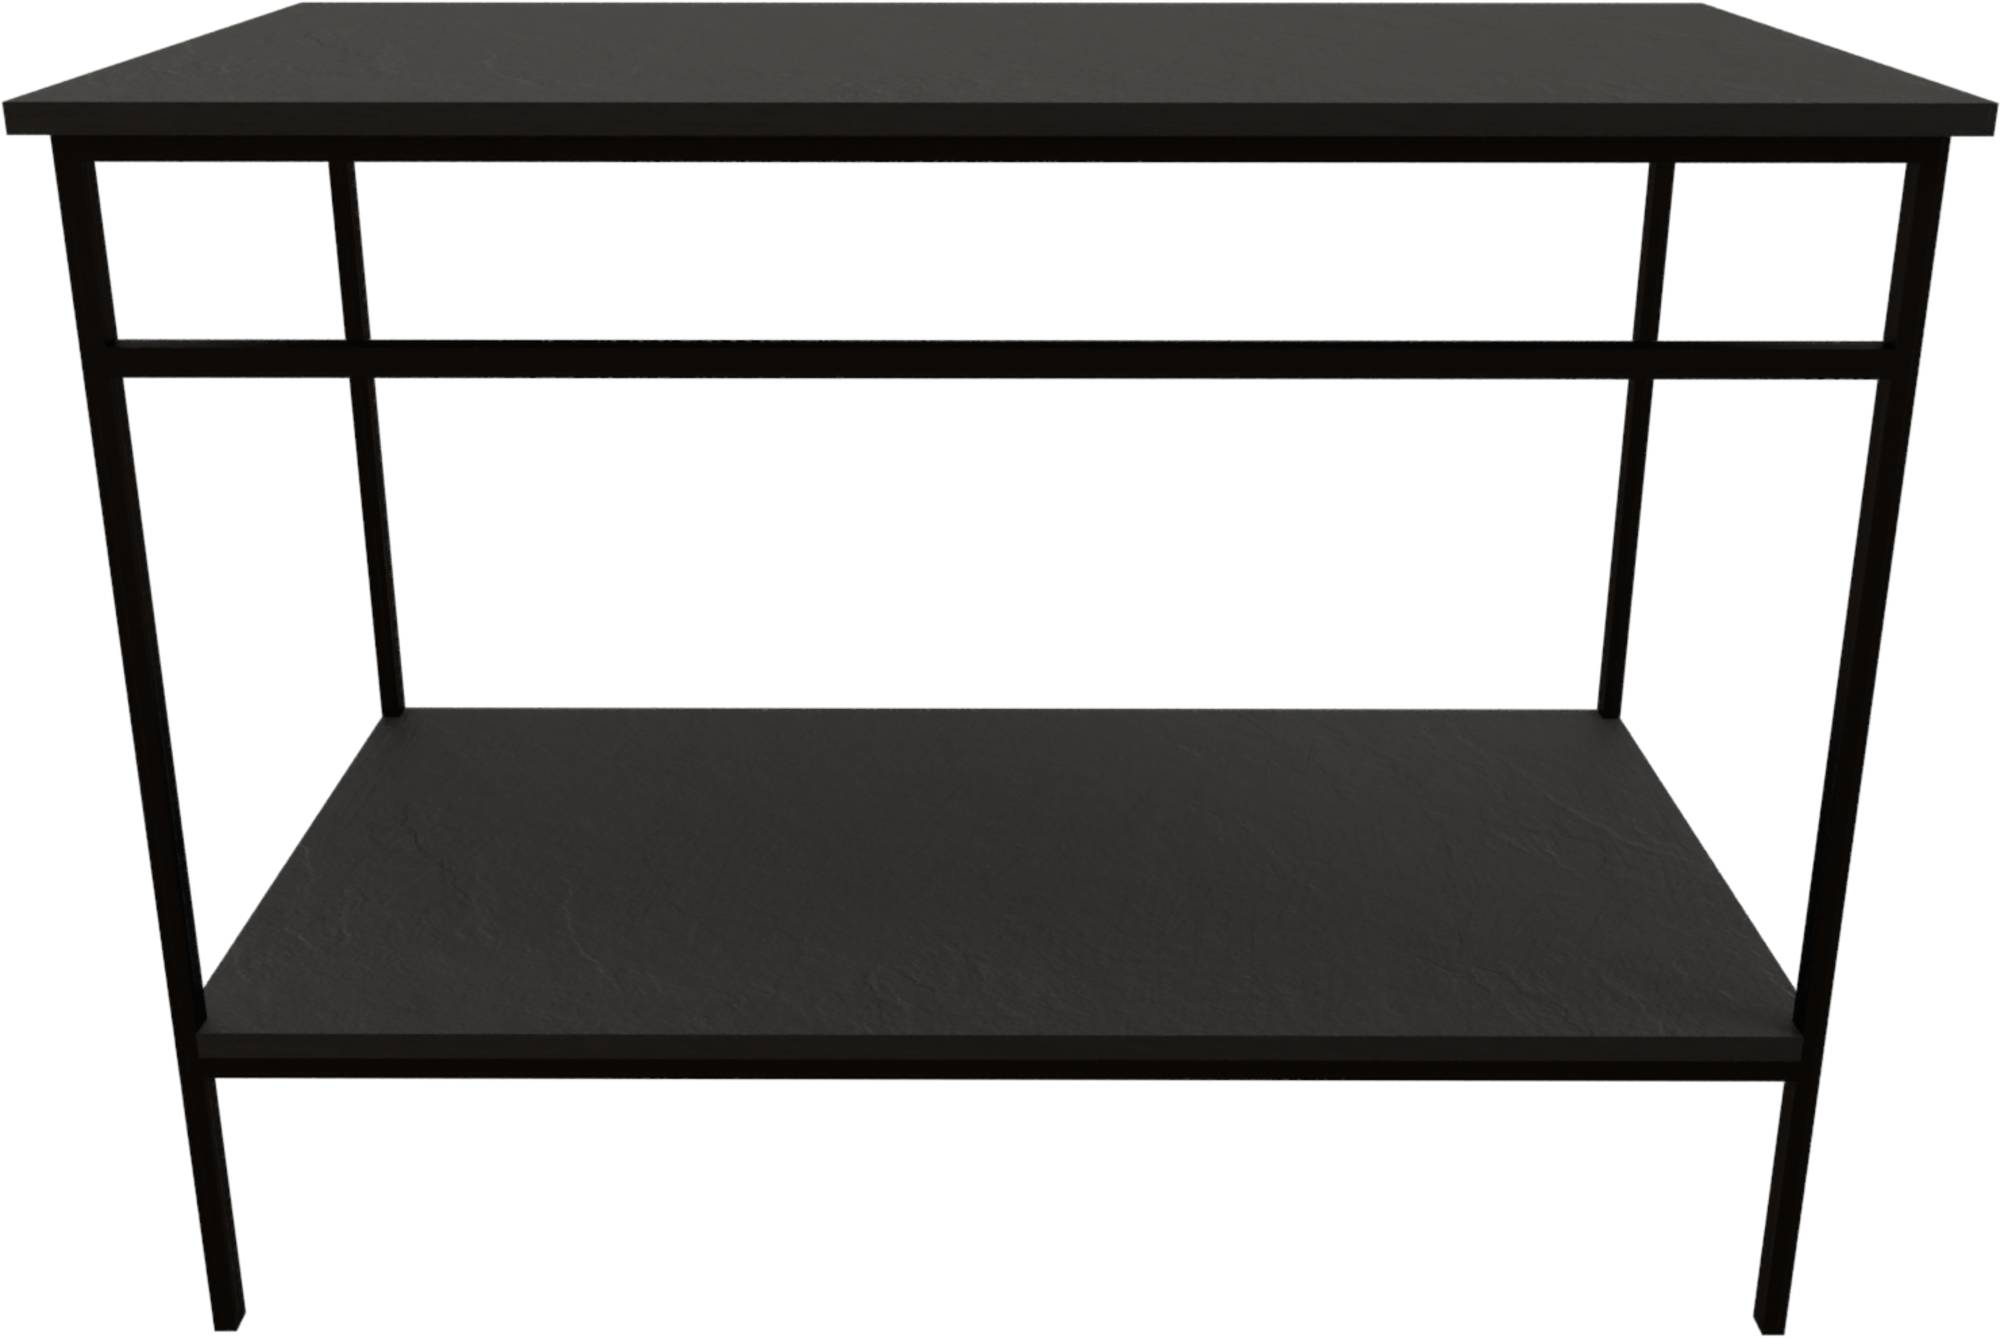 Ben Avira Set Staand Frame met Blad 80,3x46,5x85 cm Mat Zwart/Zwart